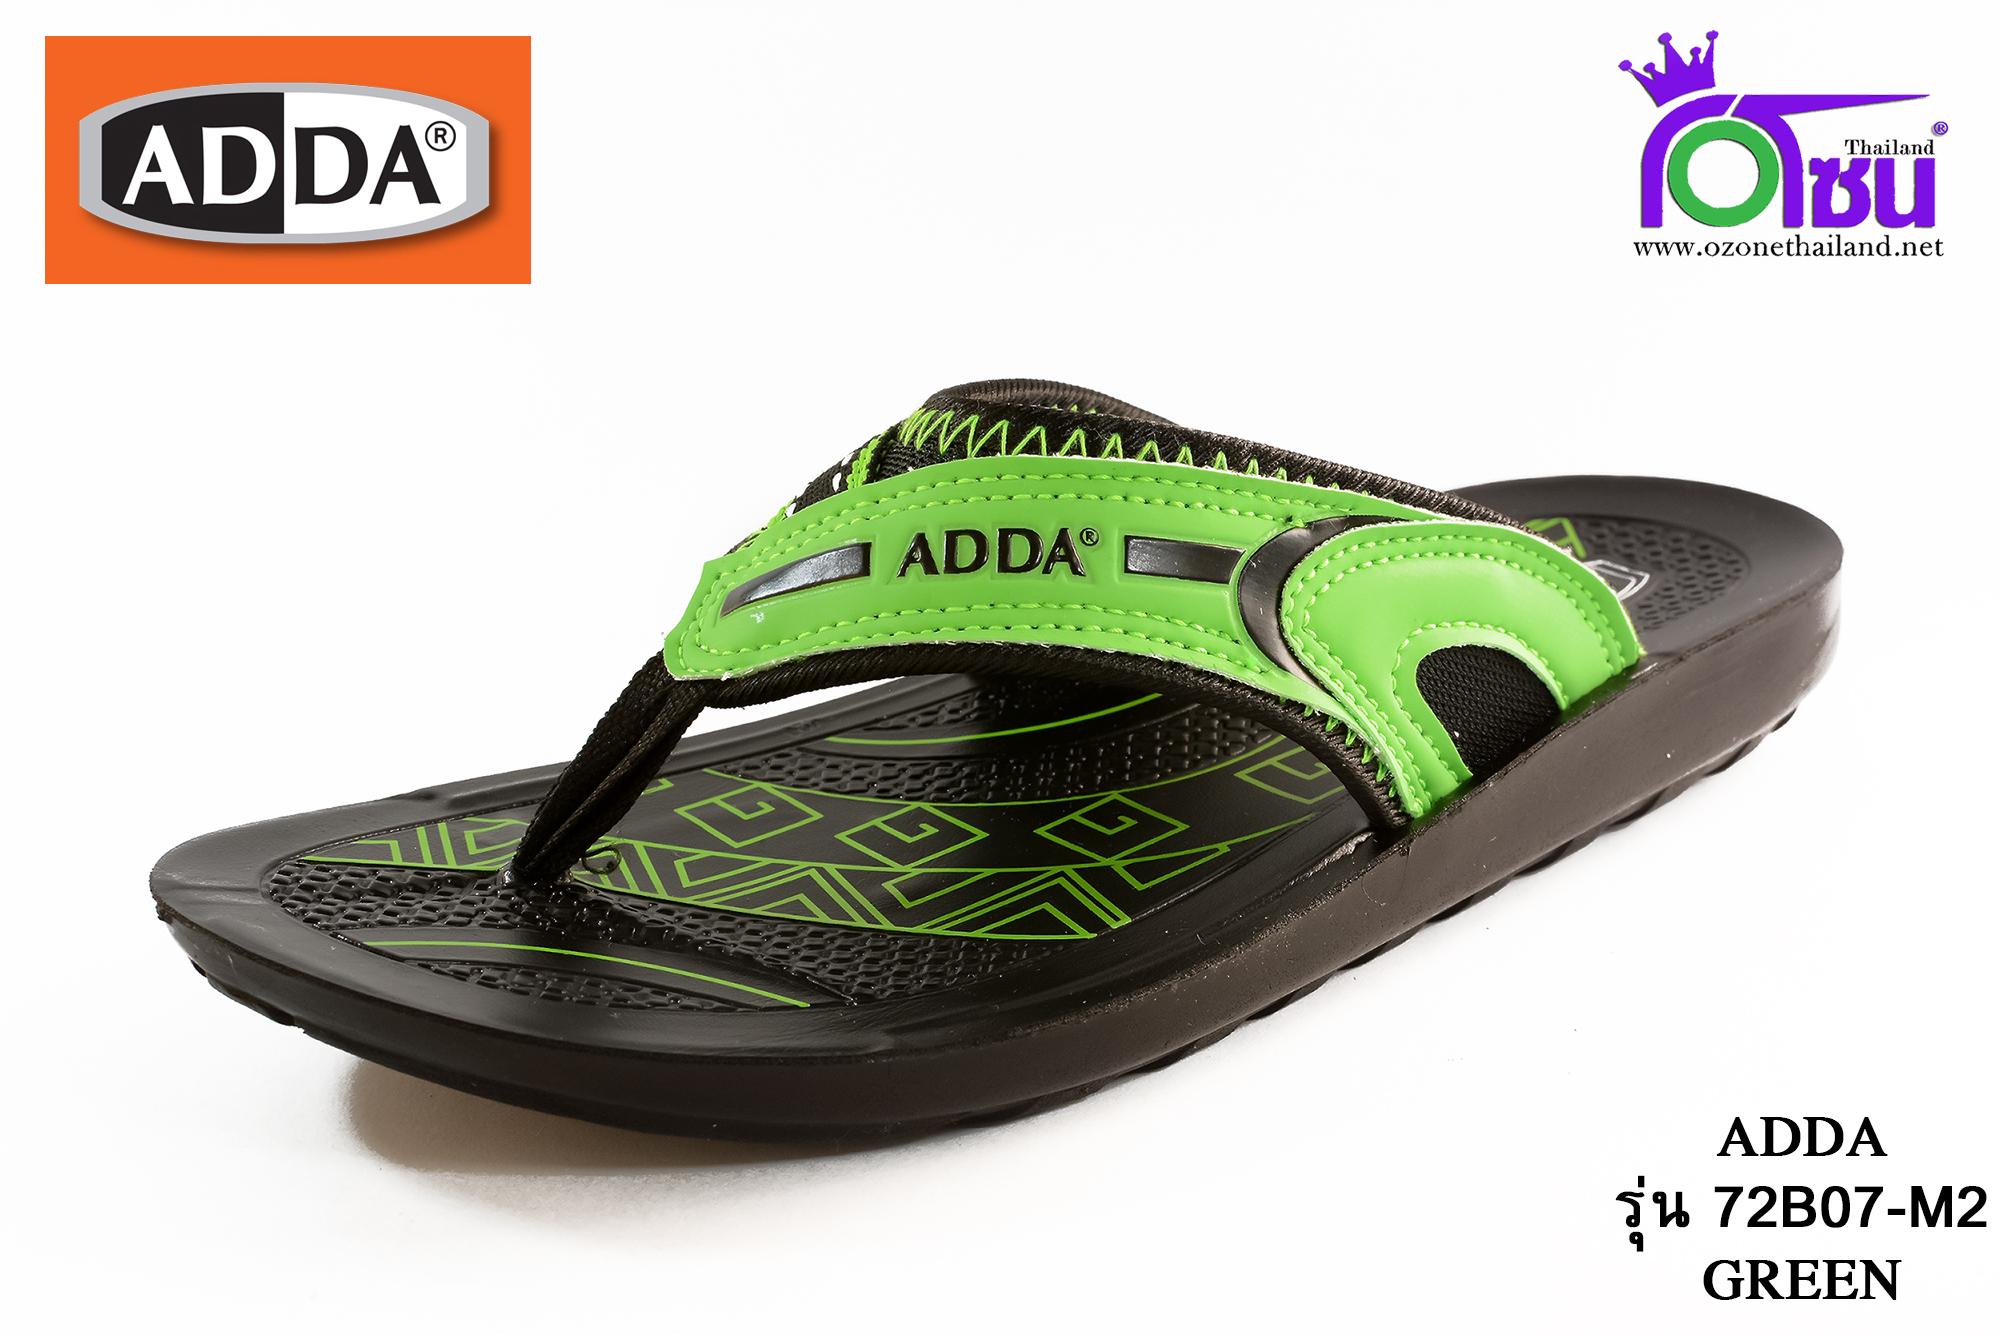 รองเท้าแตะหนัง ADDA แอดด๊า รหัส 72B07 สีเขียว เบอร์ 39-43